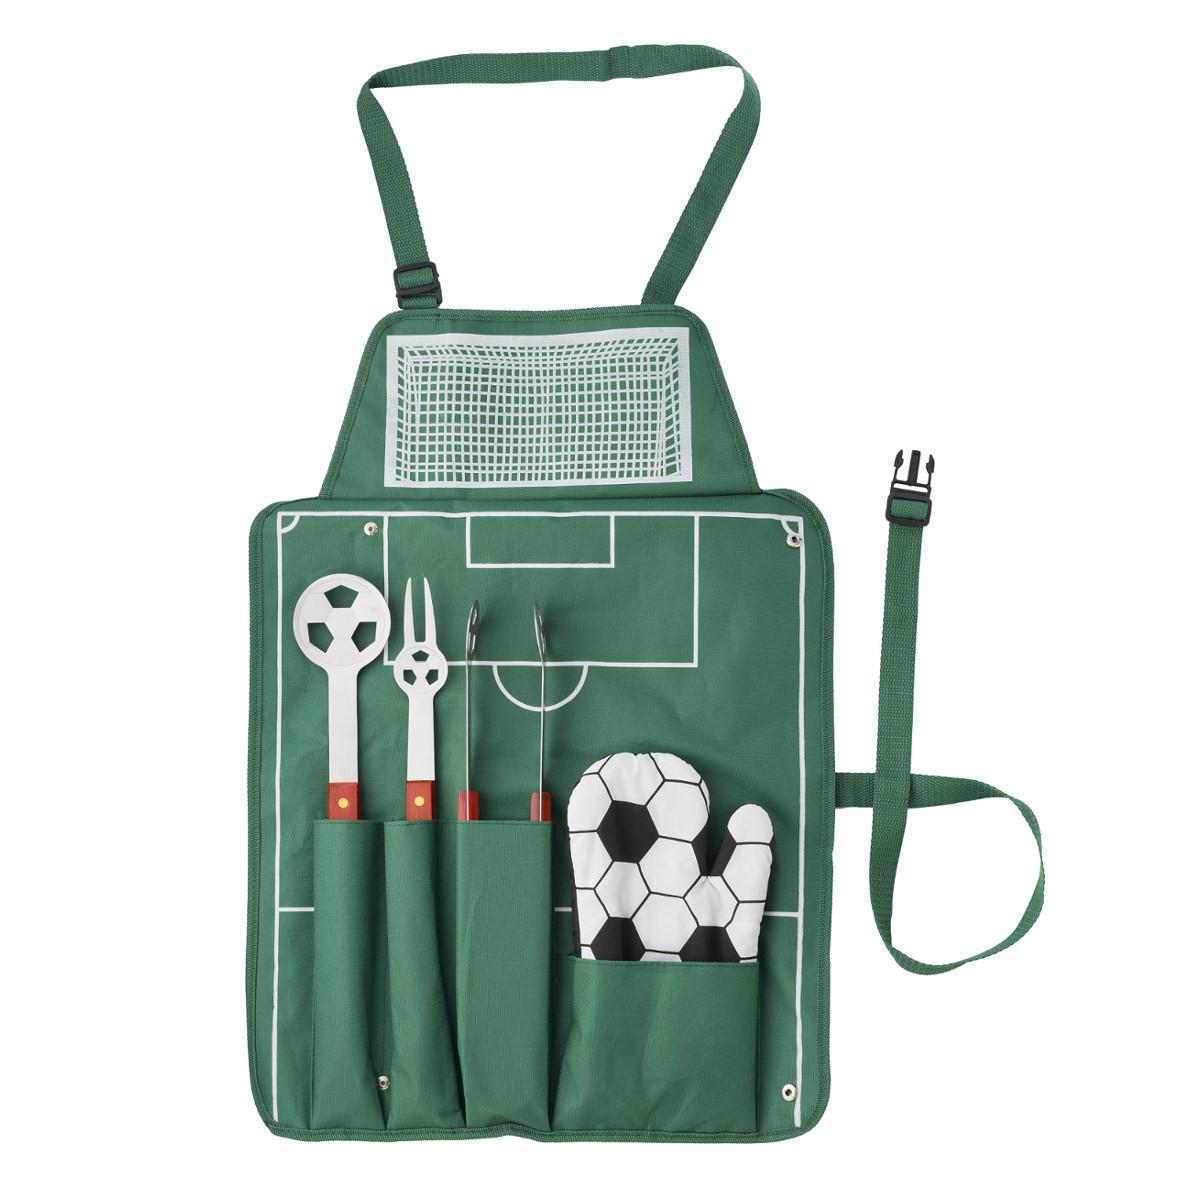 grembiule uomo per barbecue e partite di calcio, regali particolari per lui